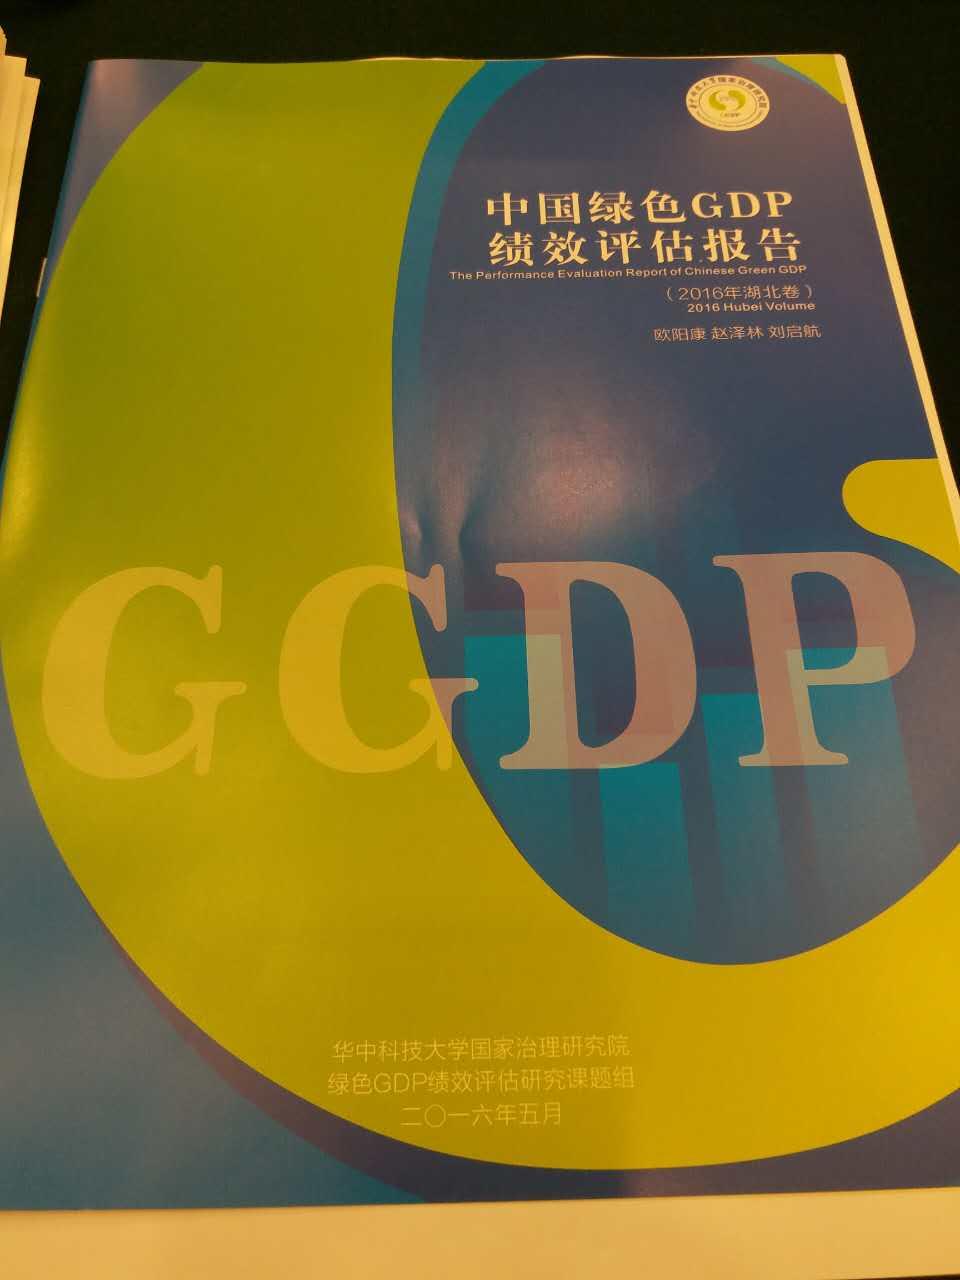 """2012年湖北gdp排名_时隔12年再度重启!""""云智库""""发布湖北绿色GDP绩效评估报告"""